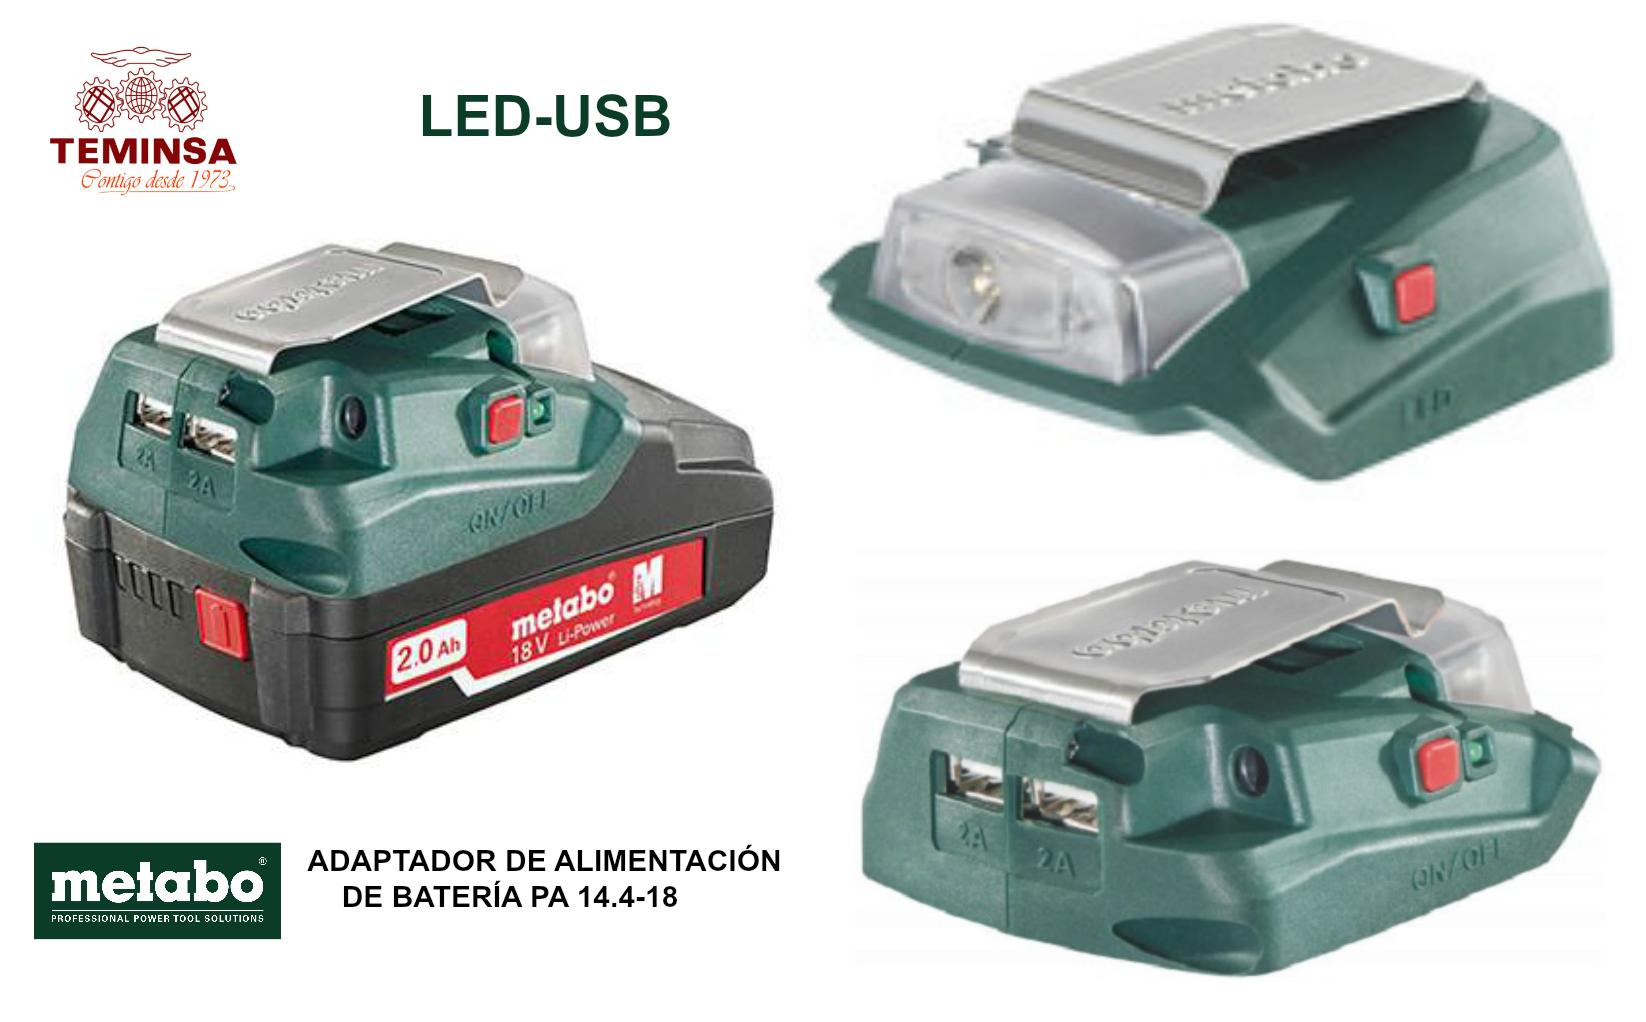 METABO ADAPTADOR DE ALIMENTACIÓN DE LA BATERÍA PA 14.4-18 LED-USB Teminsa Online